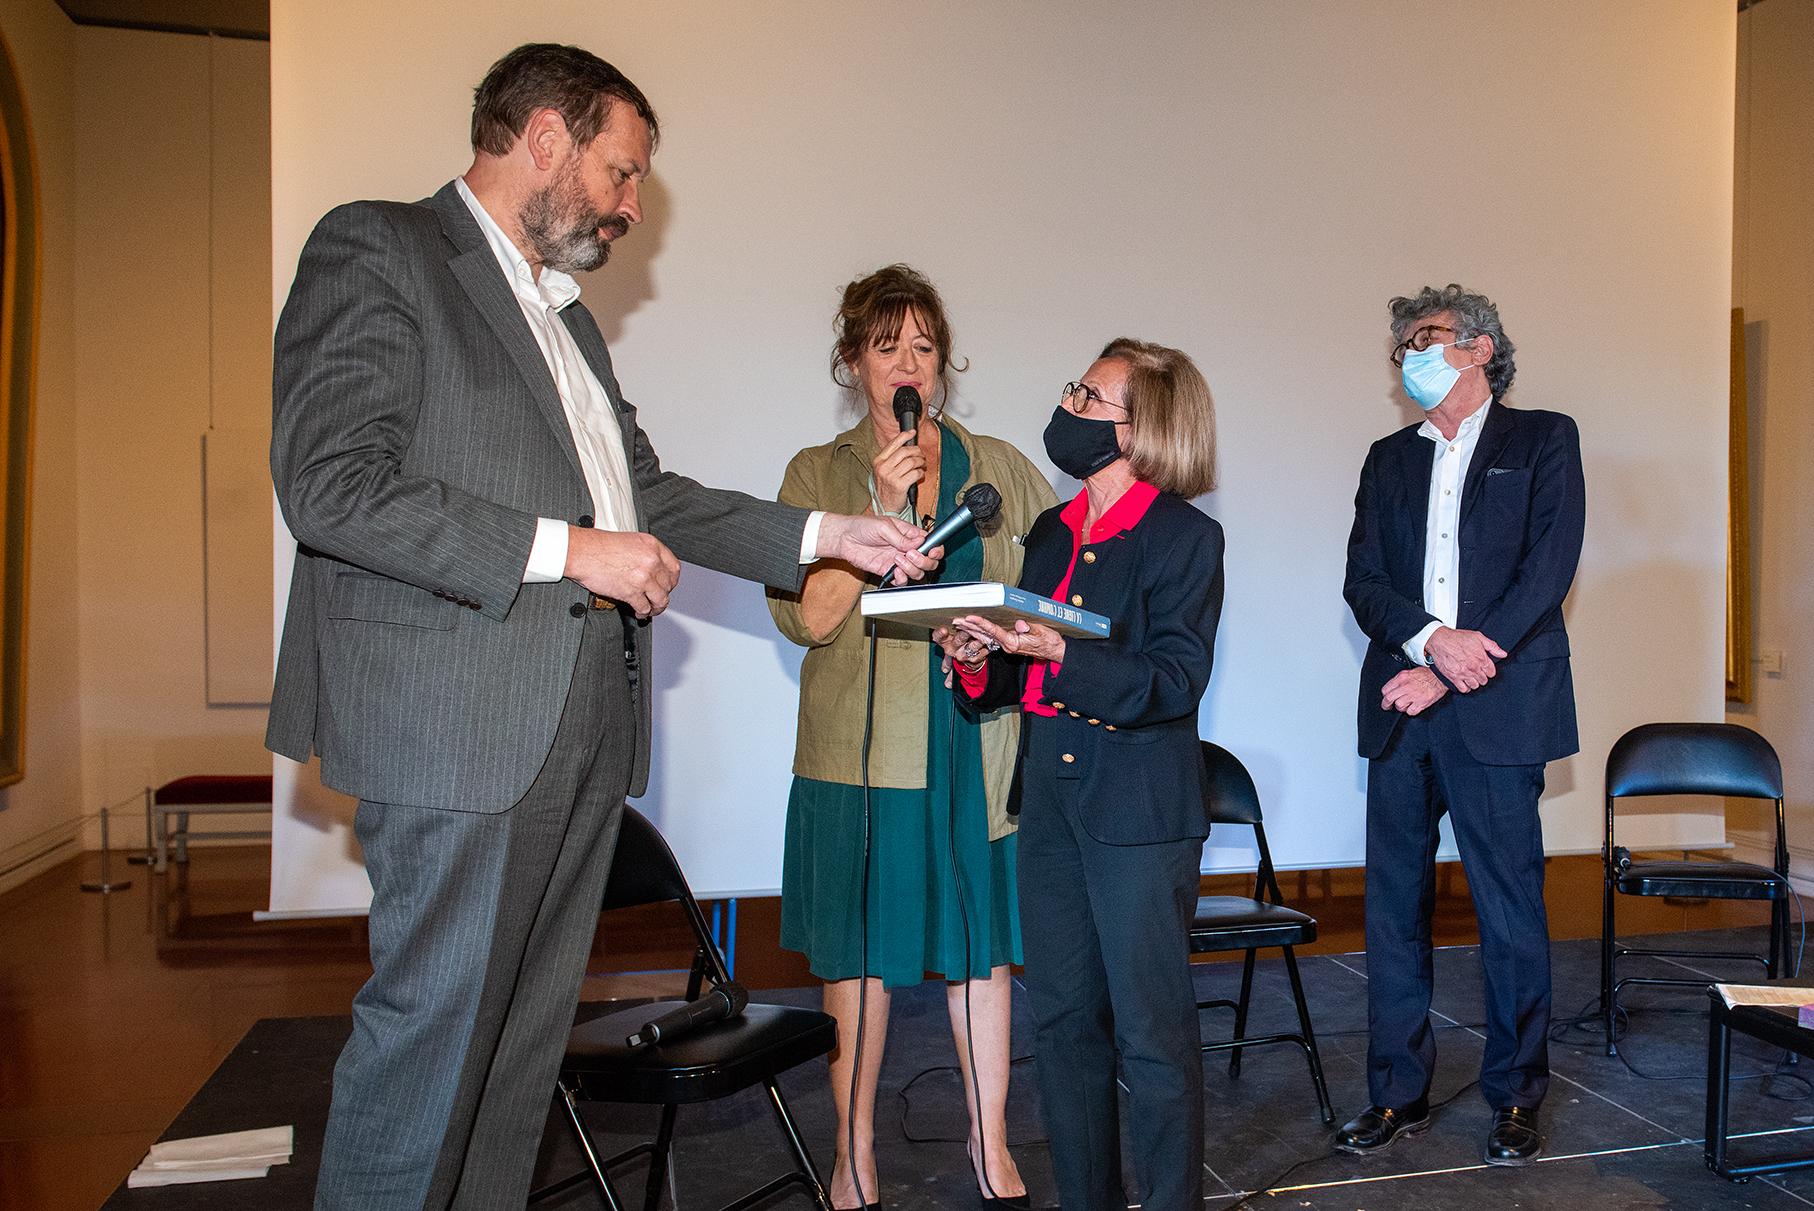 Jean-Philippe Garric reçoit le Prix du livre d'art de l'adjointe à la culture Simone Guerrini en présence de Pascale Le Thorel et Philippe Costamagna (Photos Ville d'Ajaccio).